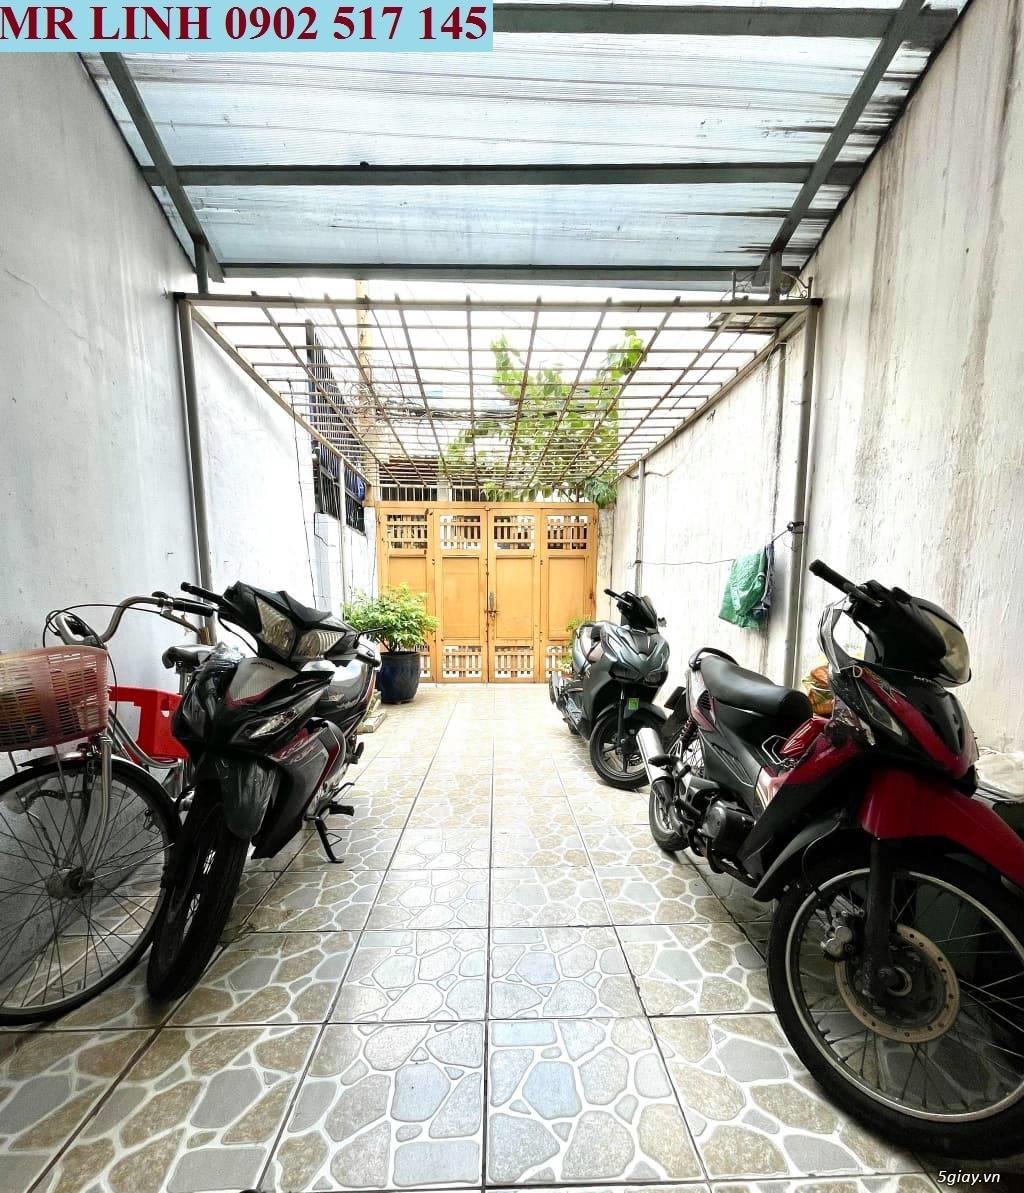 Bán nhà HXH Lê Trọng Tấn, Tây Thạnh, Tân Phú, 88m2, 4PN giá cực rẻ. - 1